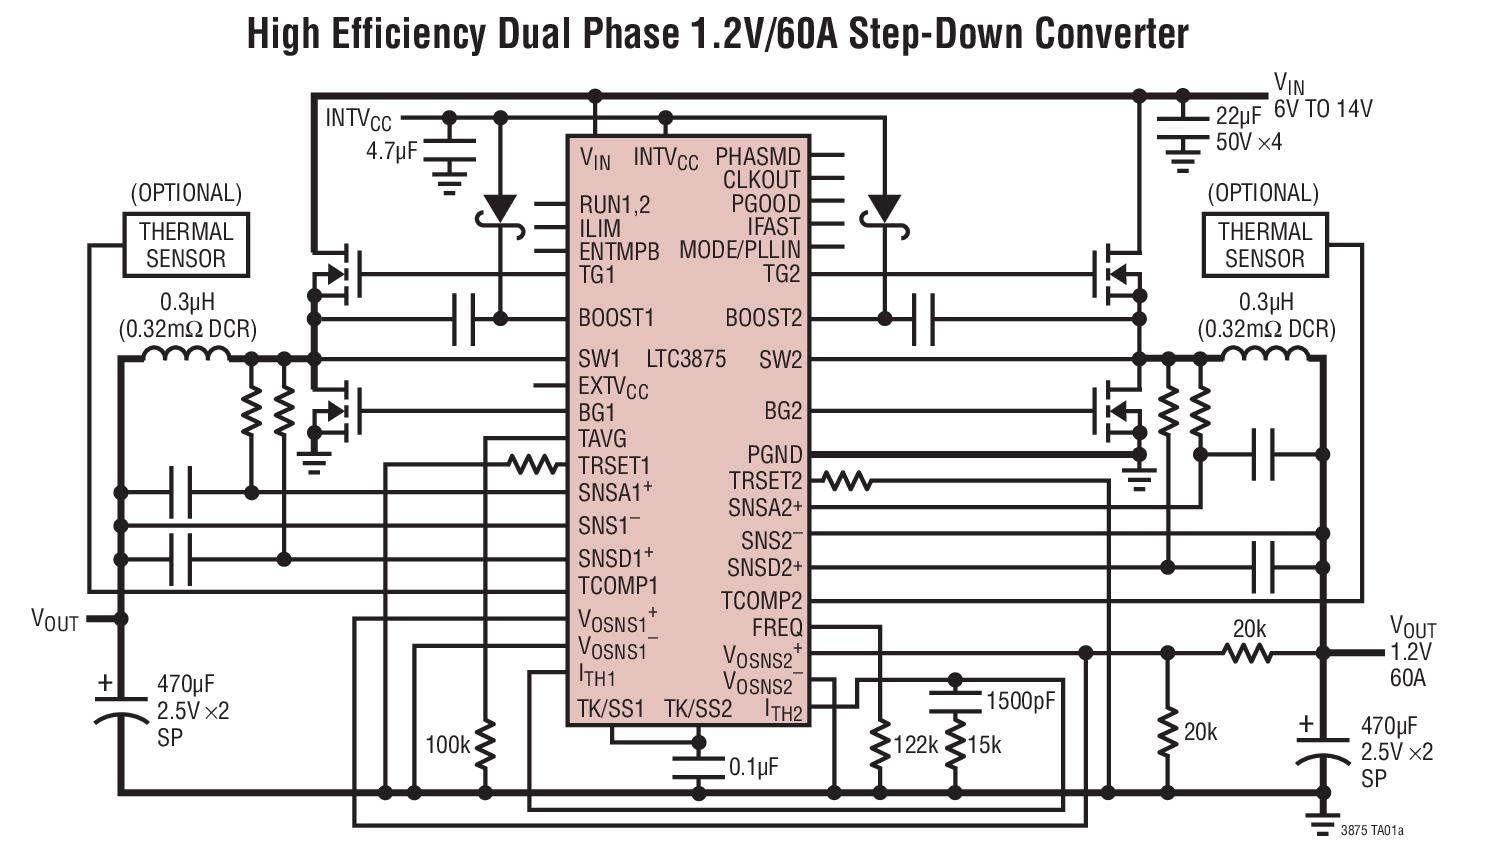 Nouveau contrôleur synchrone bi-phase à faible DCR